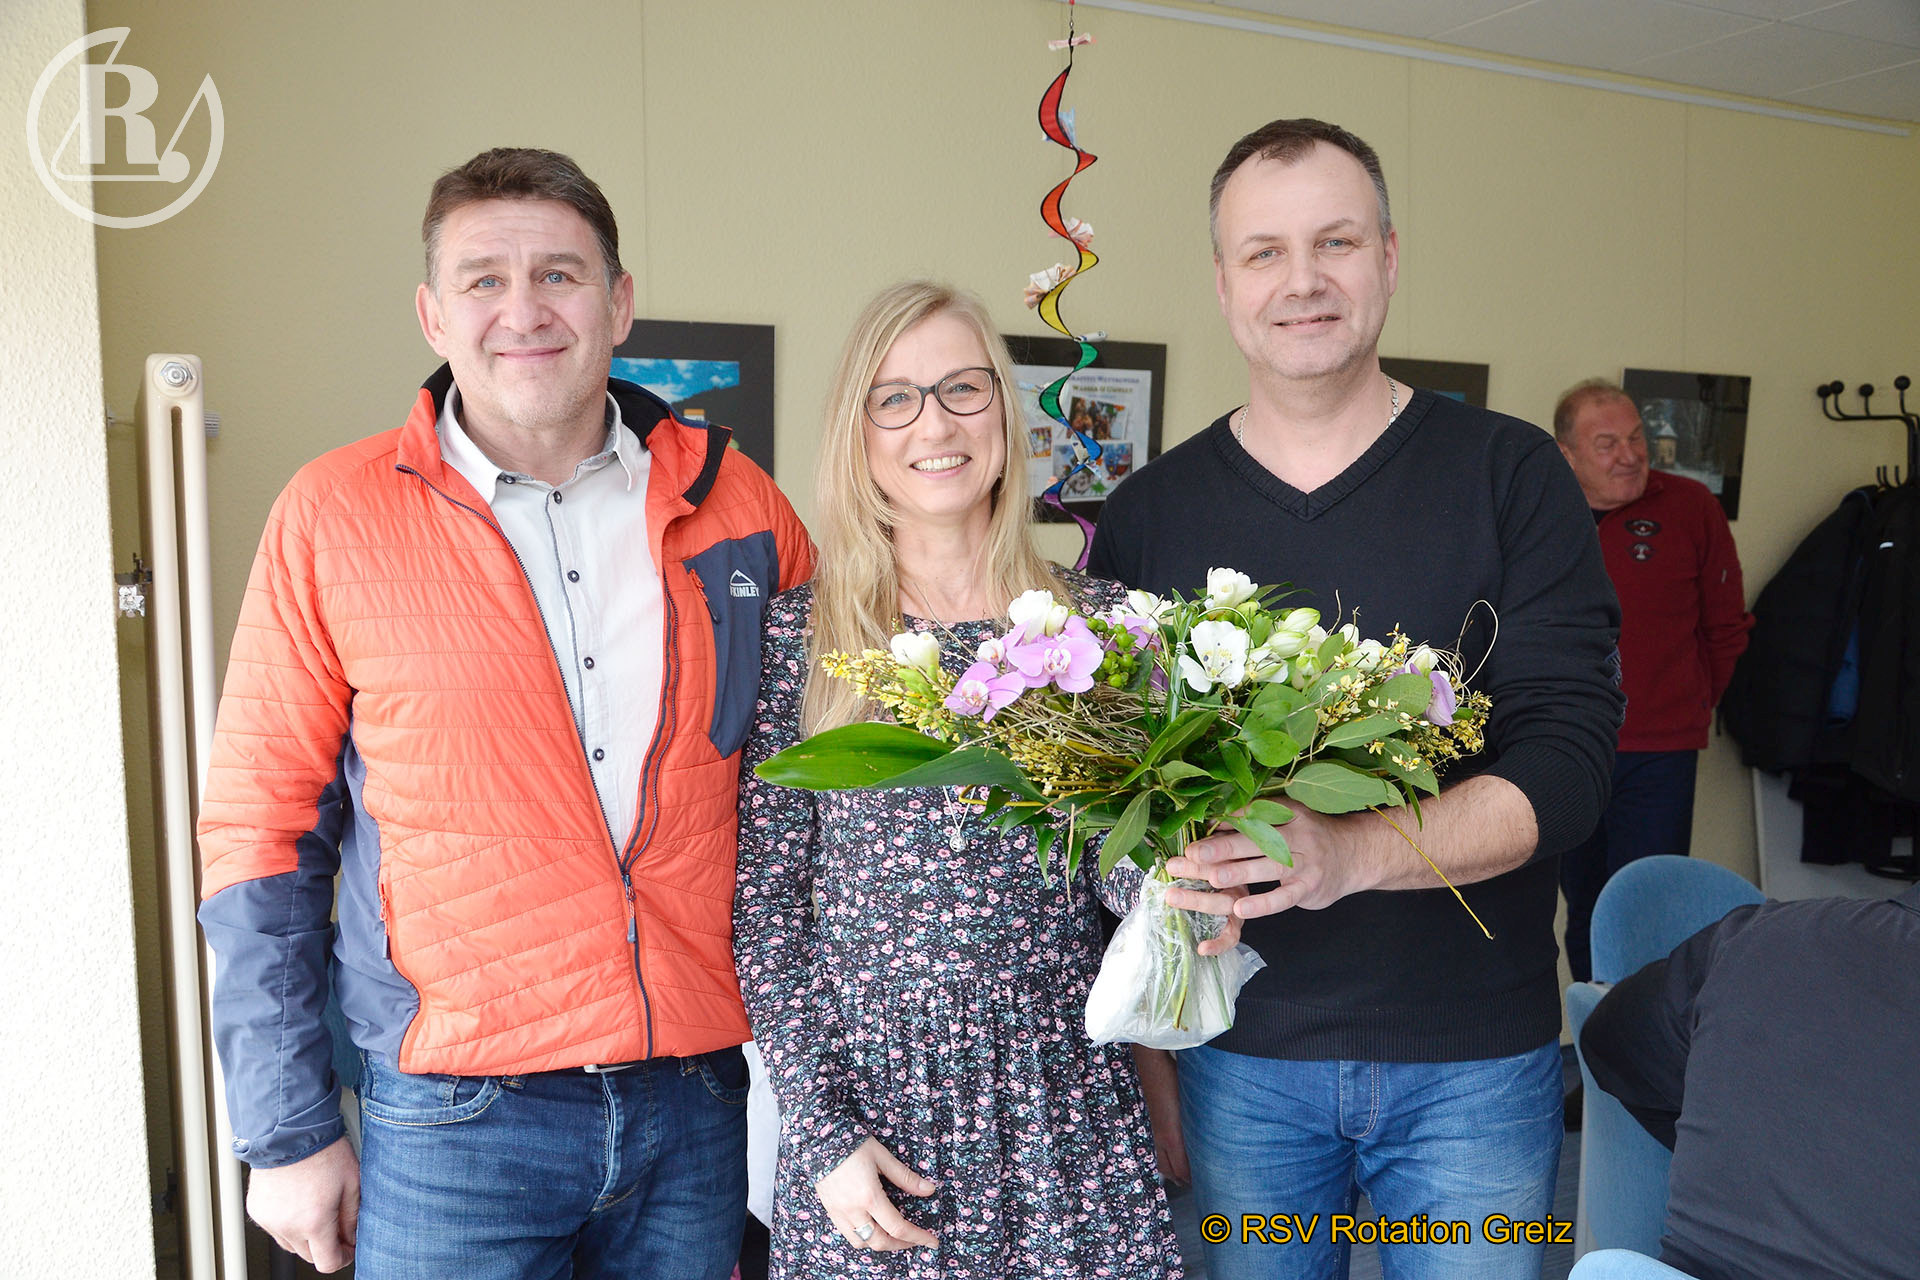 RSV Rotation Greiz: Glückwünsche zum 50. Geburtstag von Vorstandsmitglied Ines Watzek